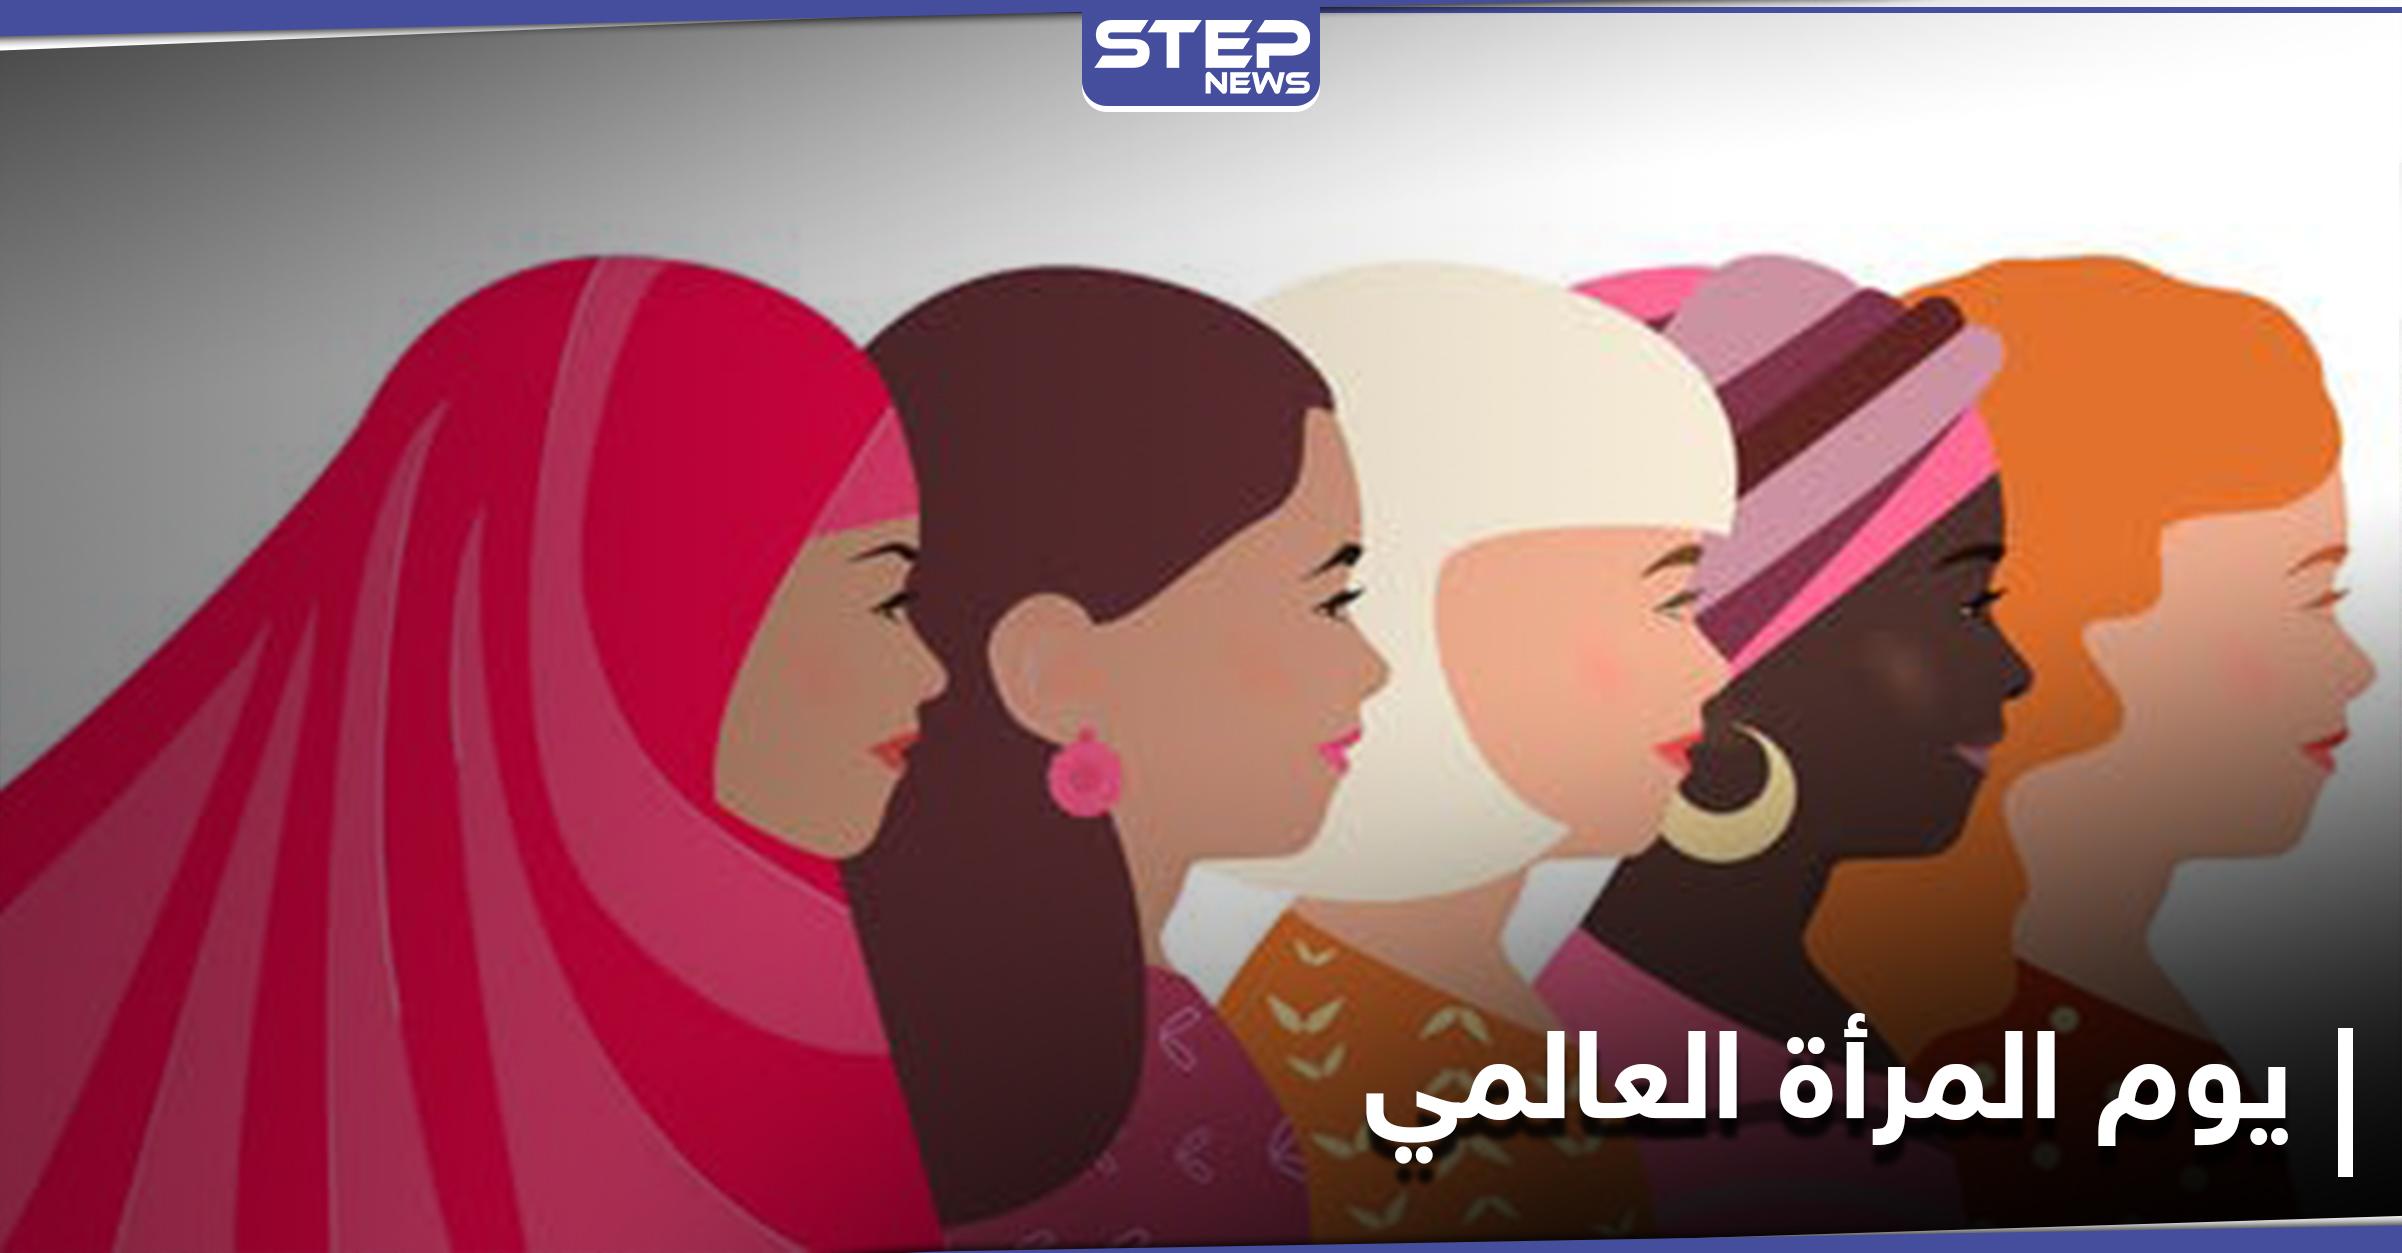 في يوم المرأة العالمي.. قضايا اجتماعية عدّة يبرزها نجوم الفن ورواد مواقع التواصل الاجتماعي